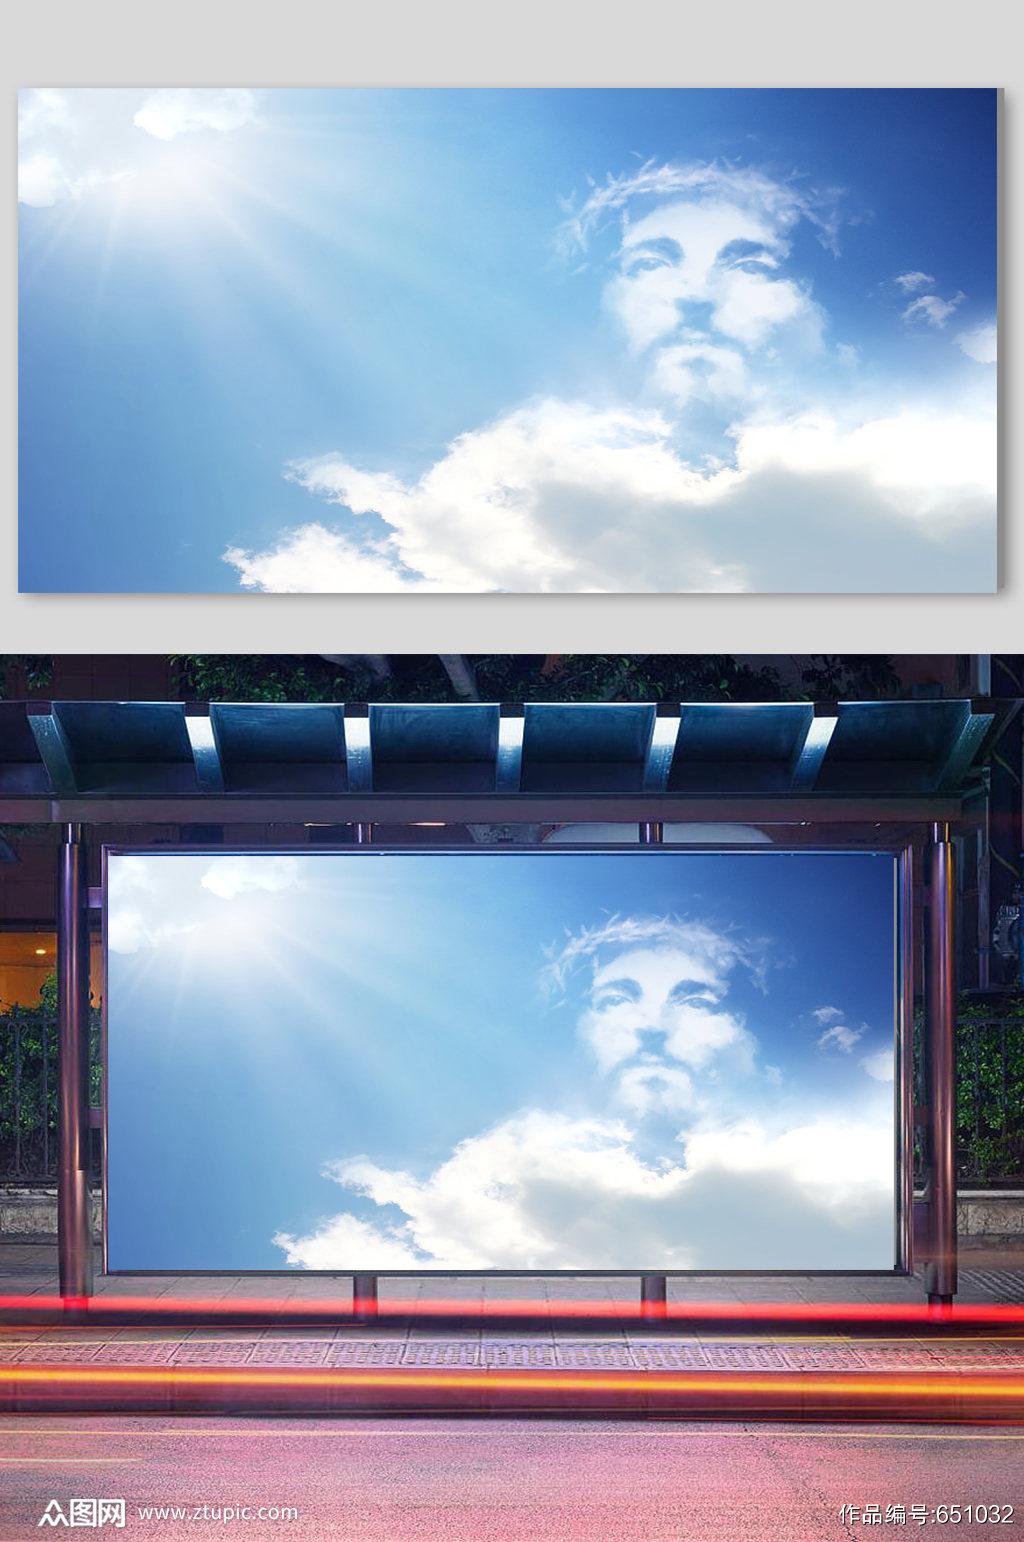 蓝天白云草地简洁背景素材